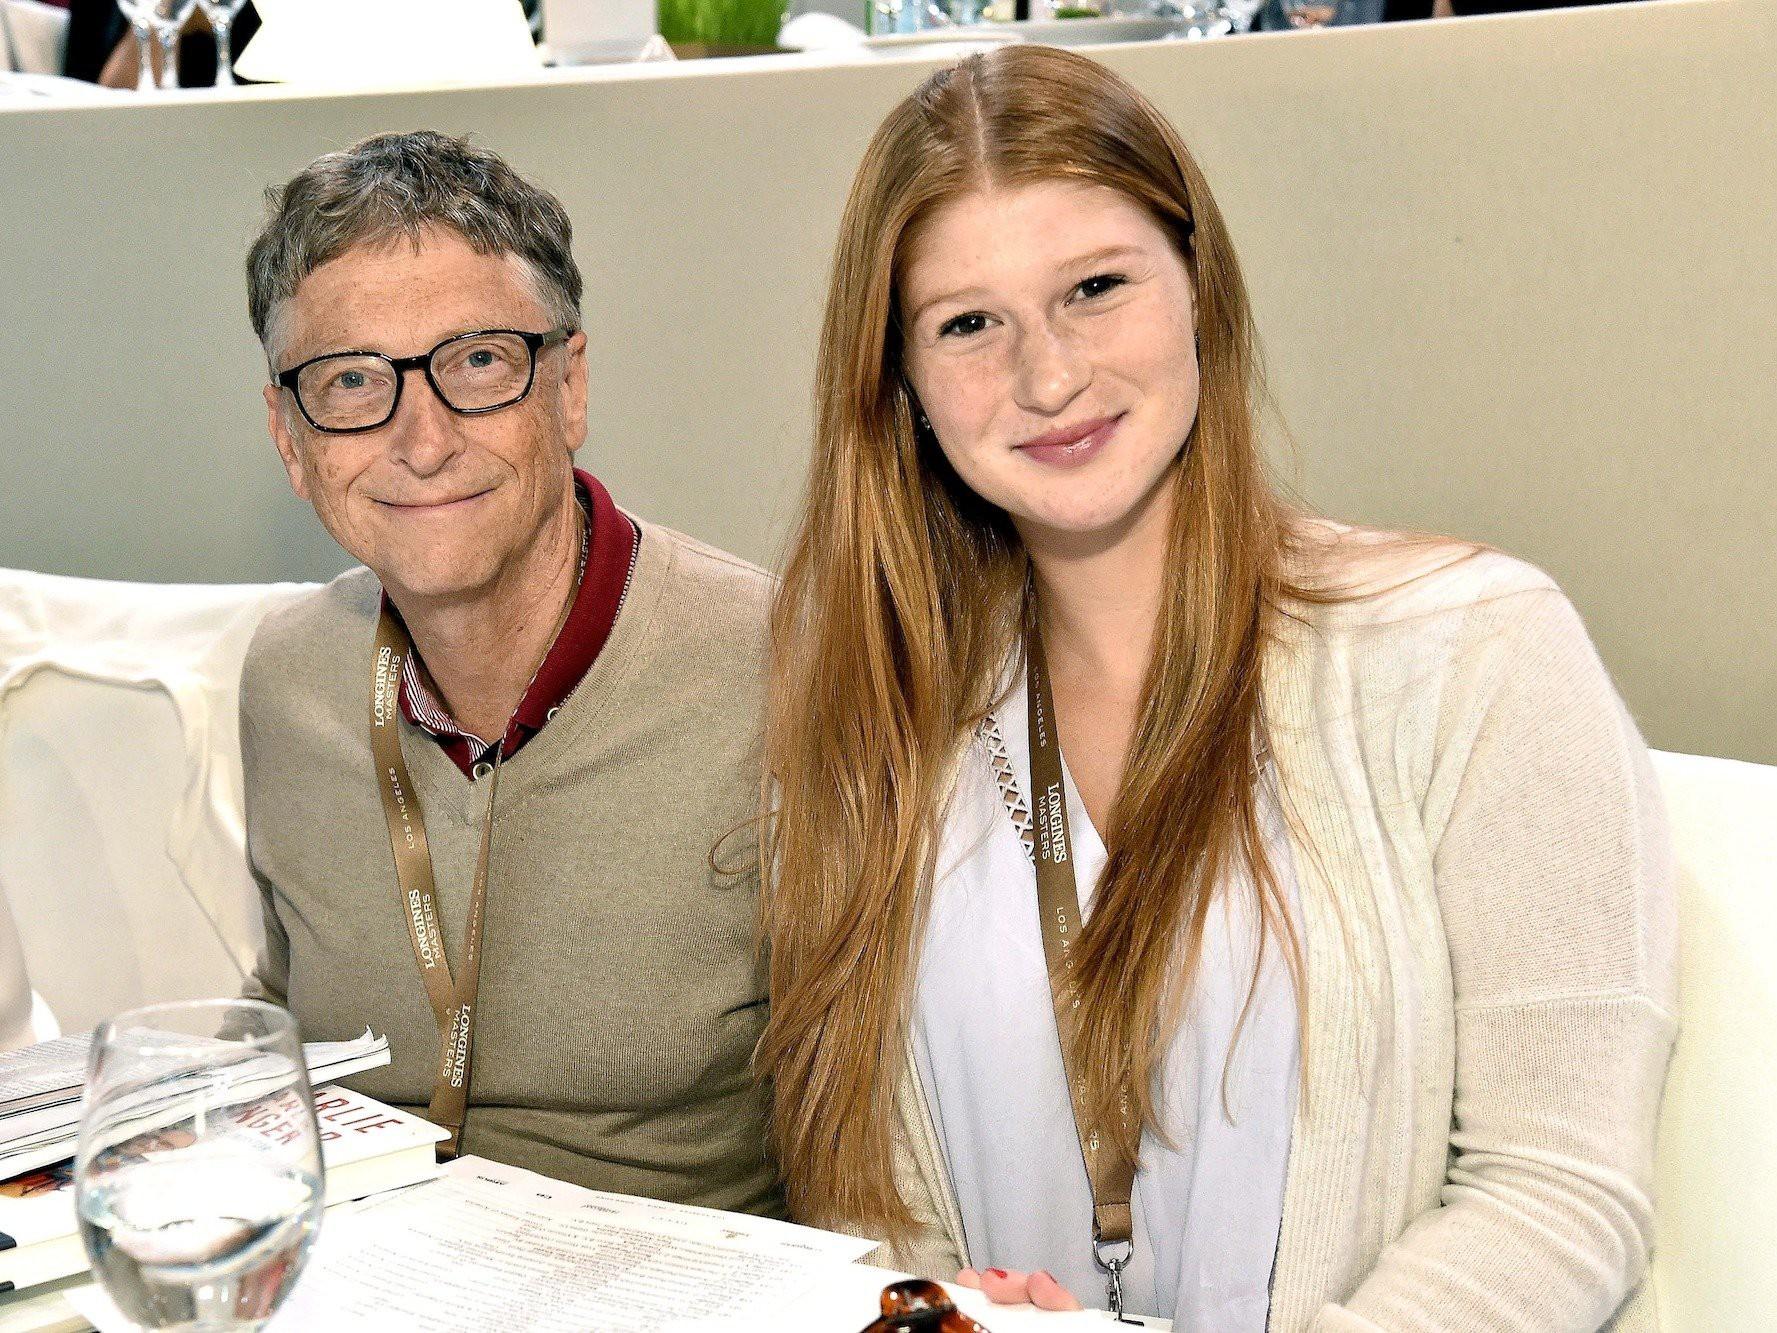 Tại sao cả Bill Gates và Steve Jobs đều cấm con cái dùng đồ công nghệ do chính mình làm ra? - Ảnh 2.